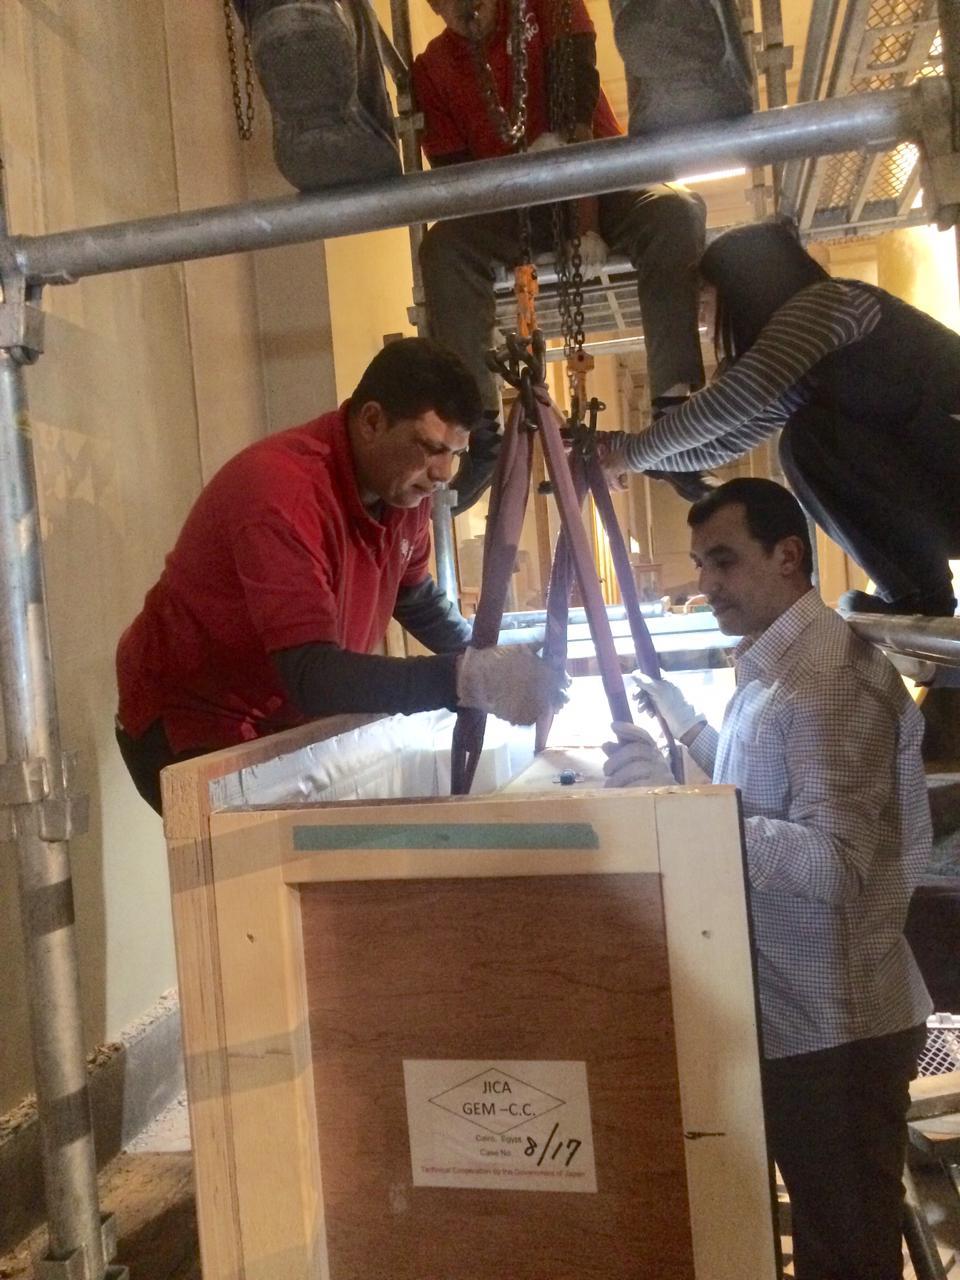 المتحف الكبير يستقبل 5 لوحات أثرية (2)